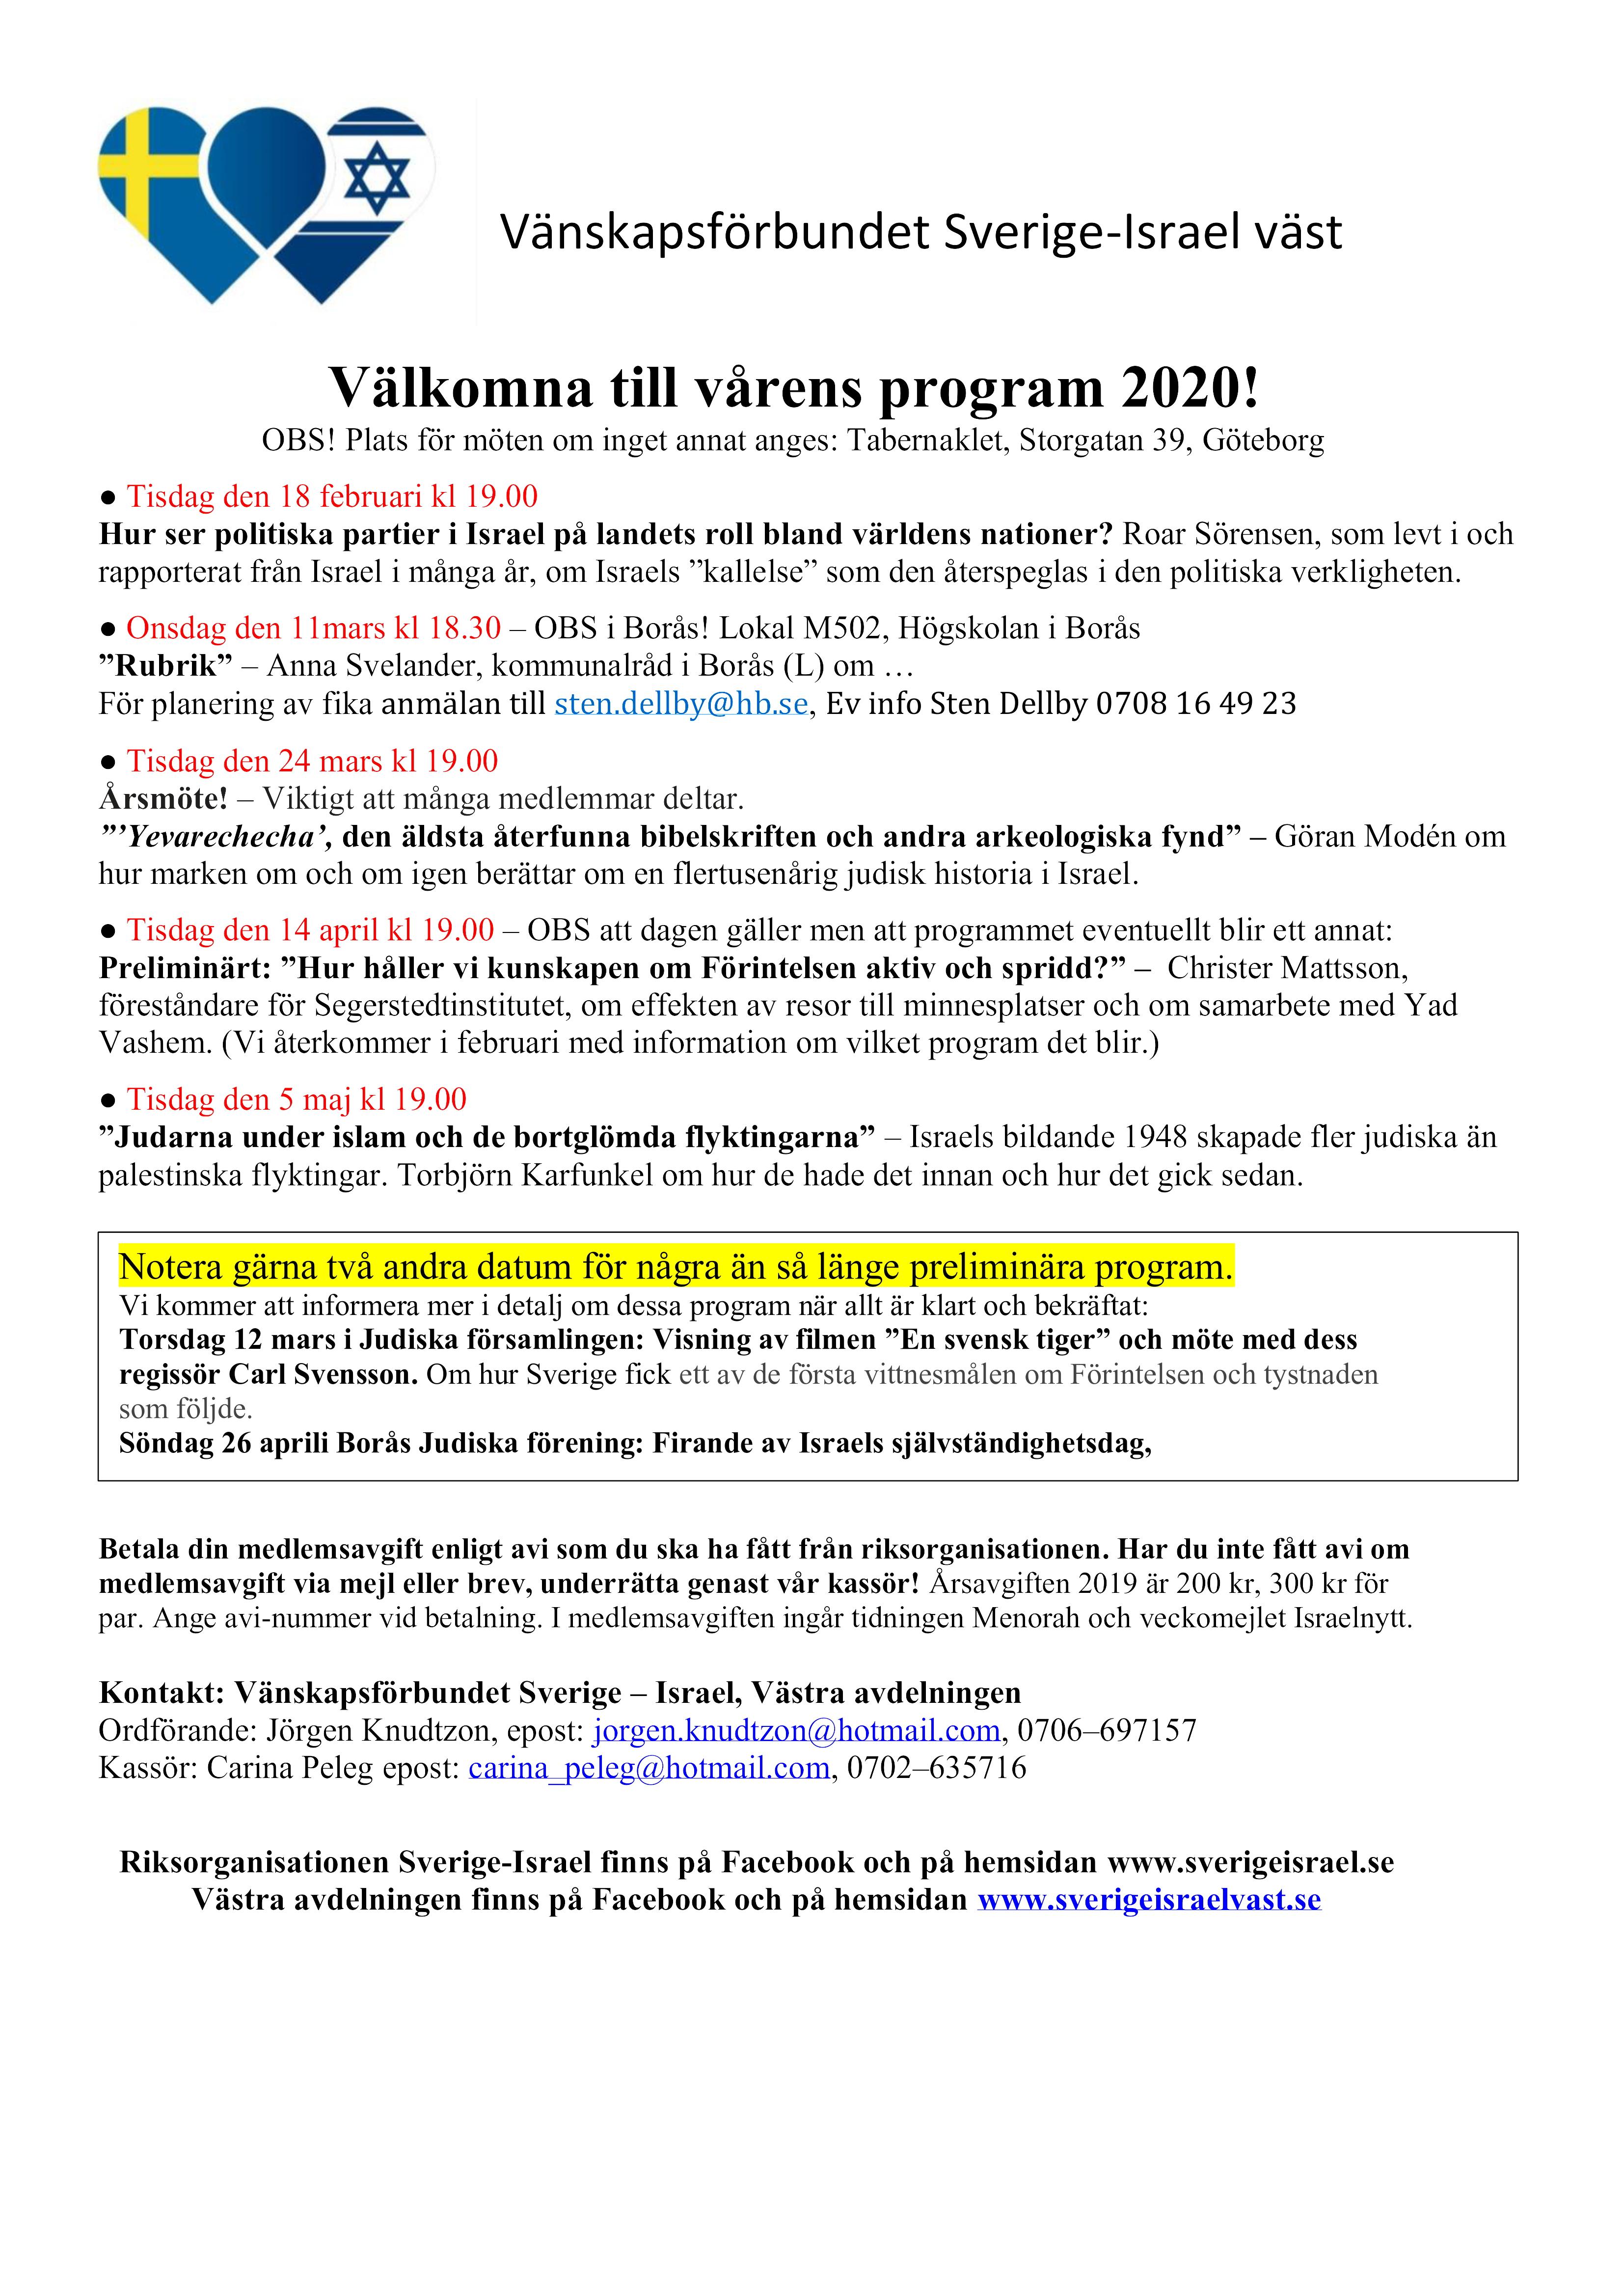 Inbjudan våren 2020